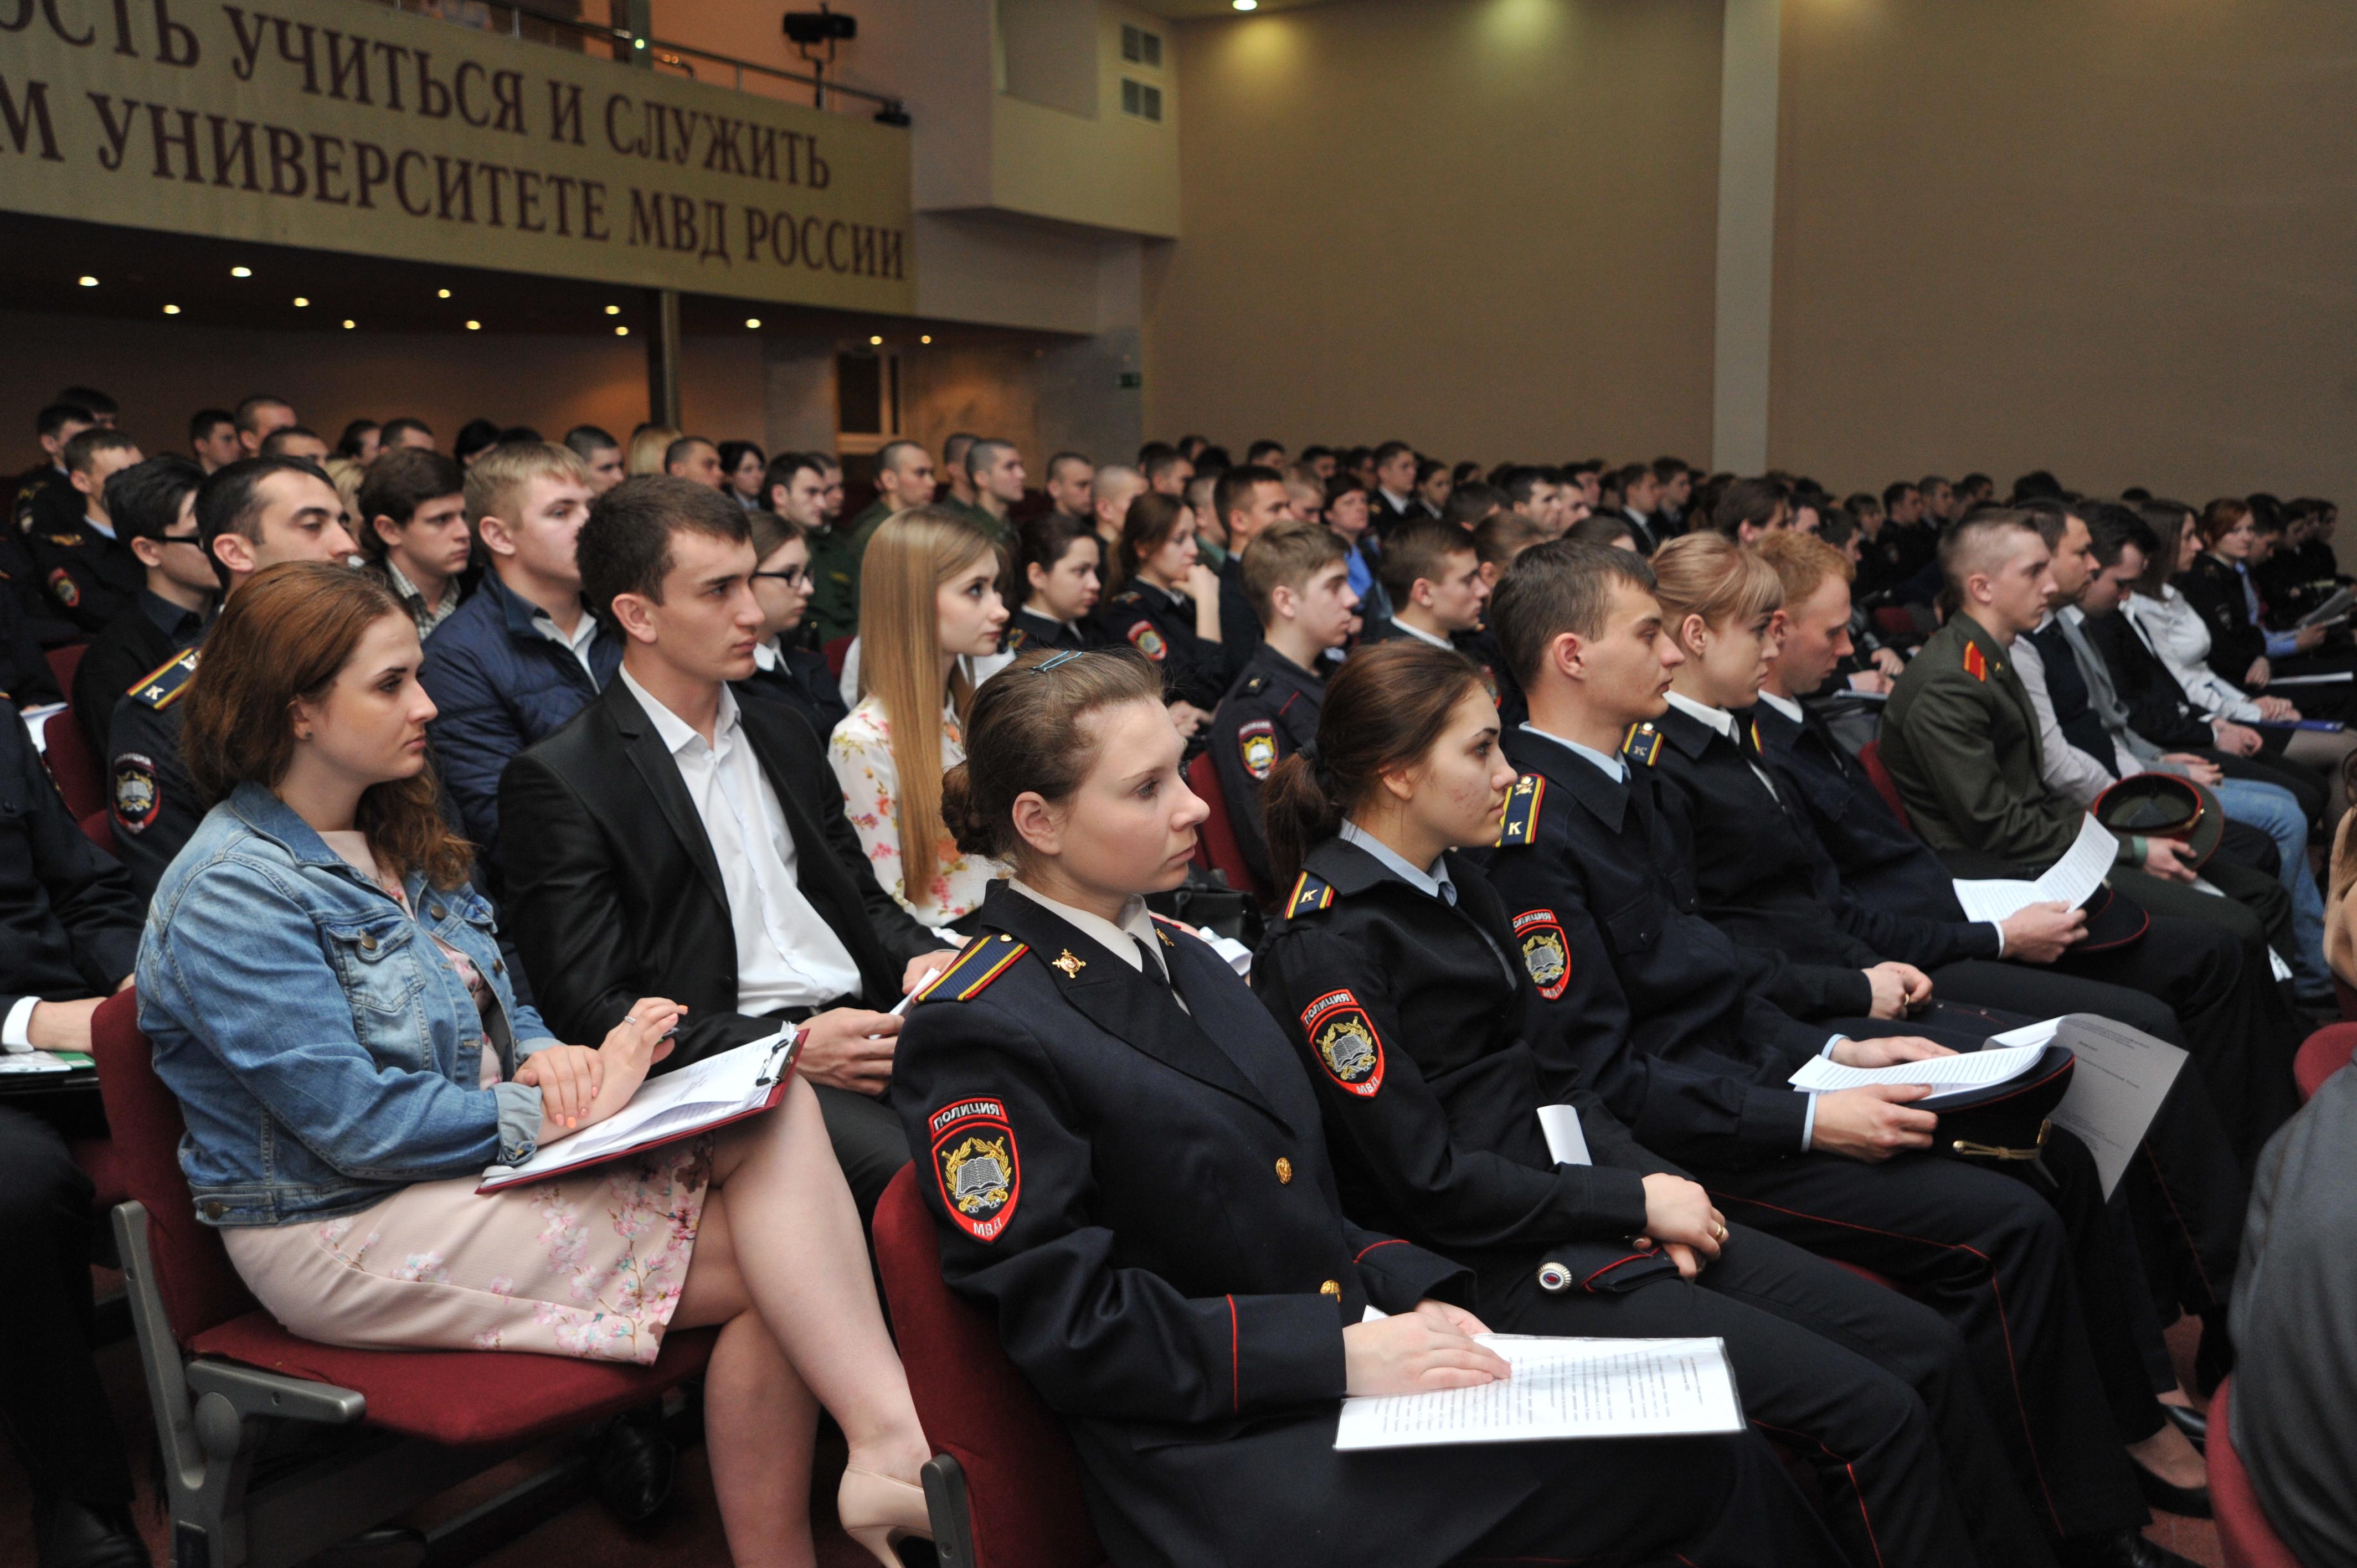 участники III Всероссийской научно-практической конференции курсантов, слушат